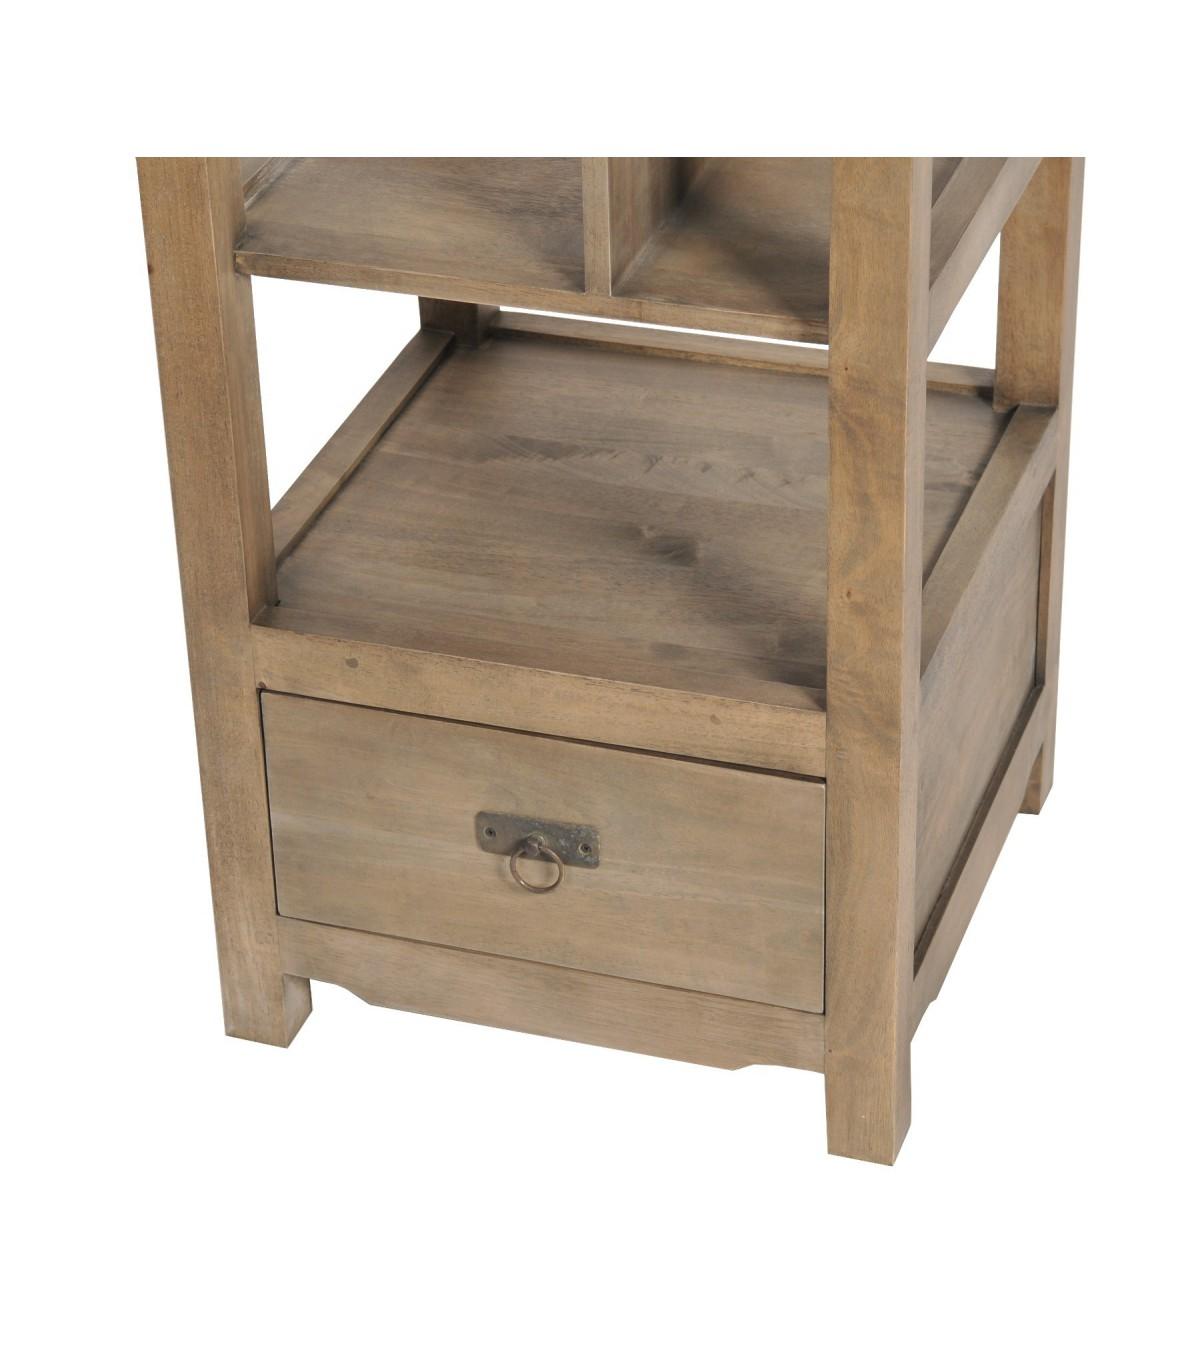 meuble exotique colonne biblioth que meuble heva double face. Black Bedroom Furniture Sets. Home Design Ideas